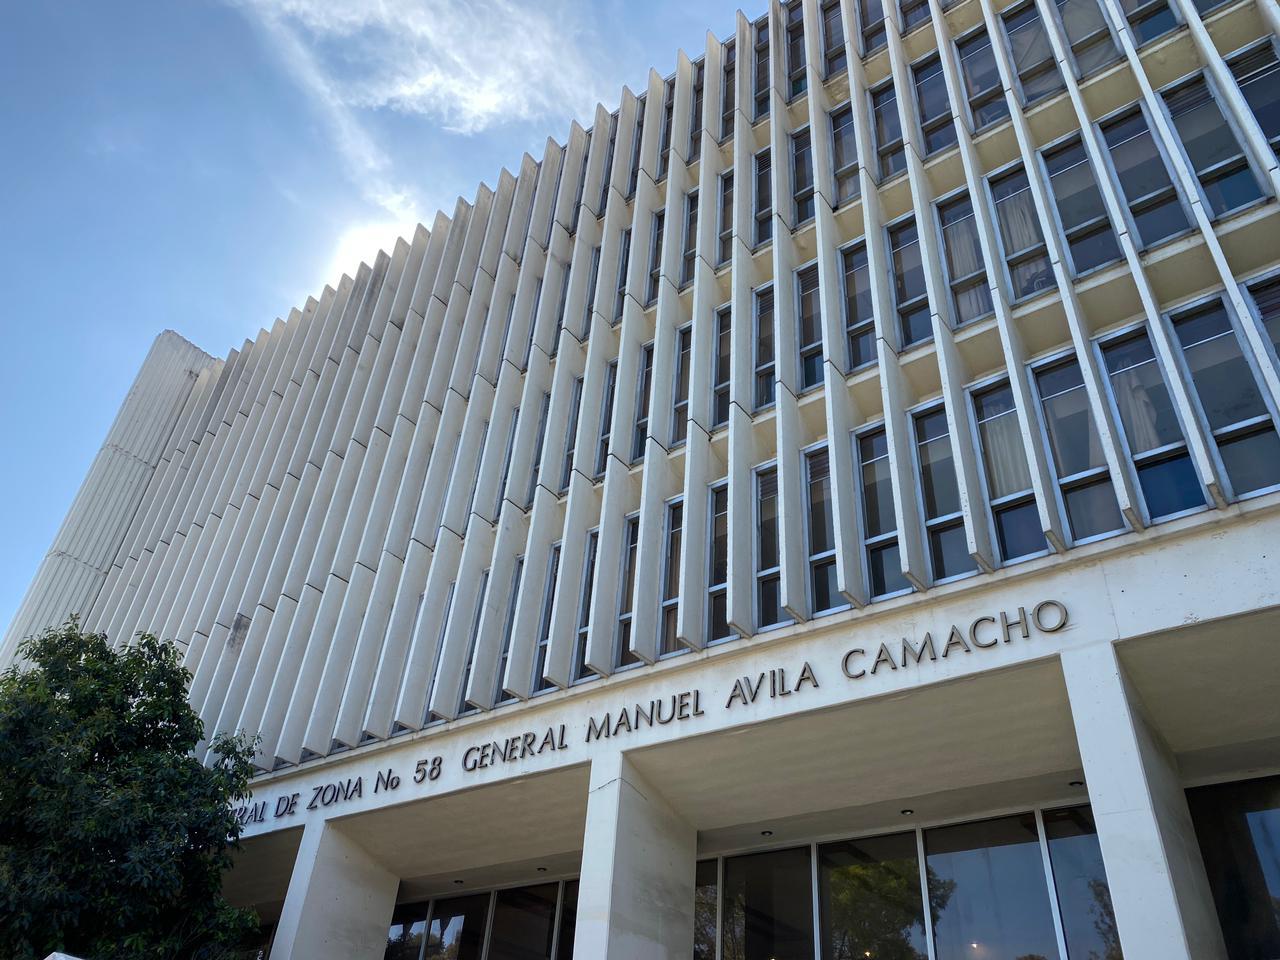 Hospital General de Zona No. 58 destaca por su atención médica oportuna y eficaz